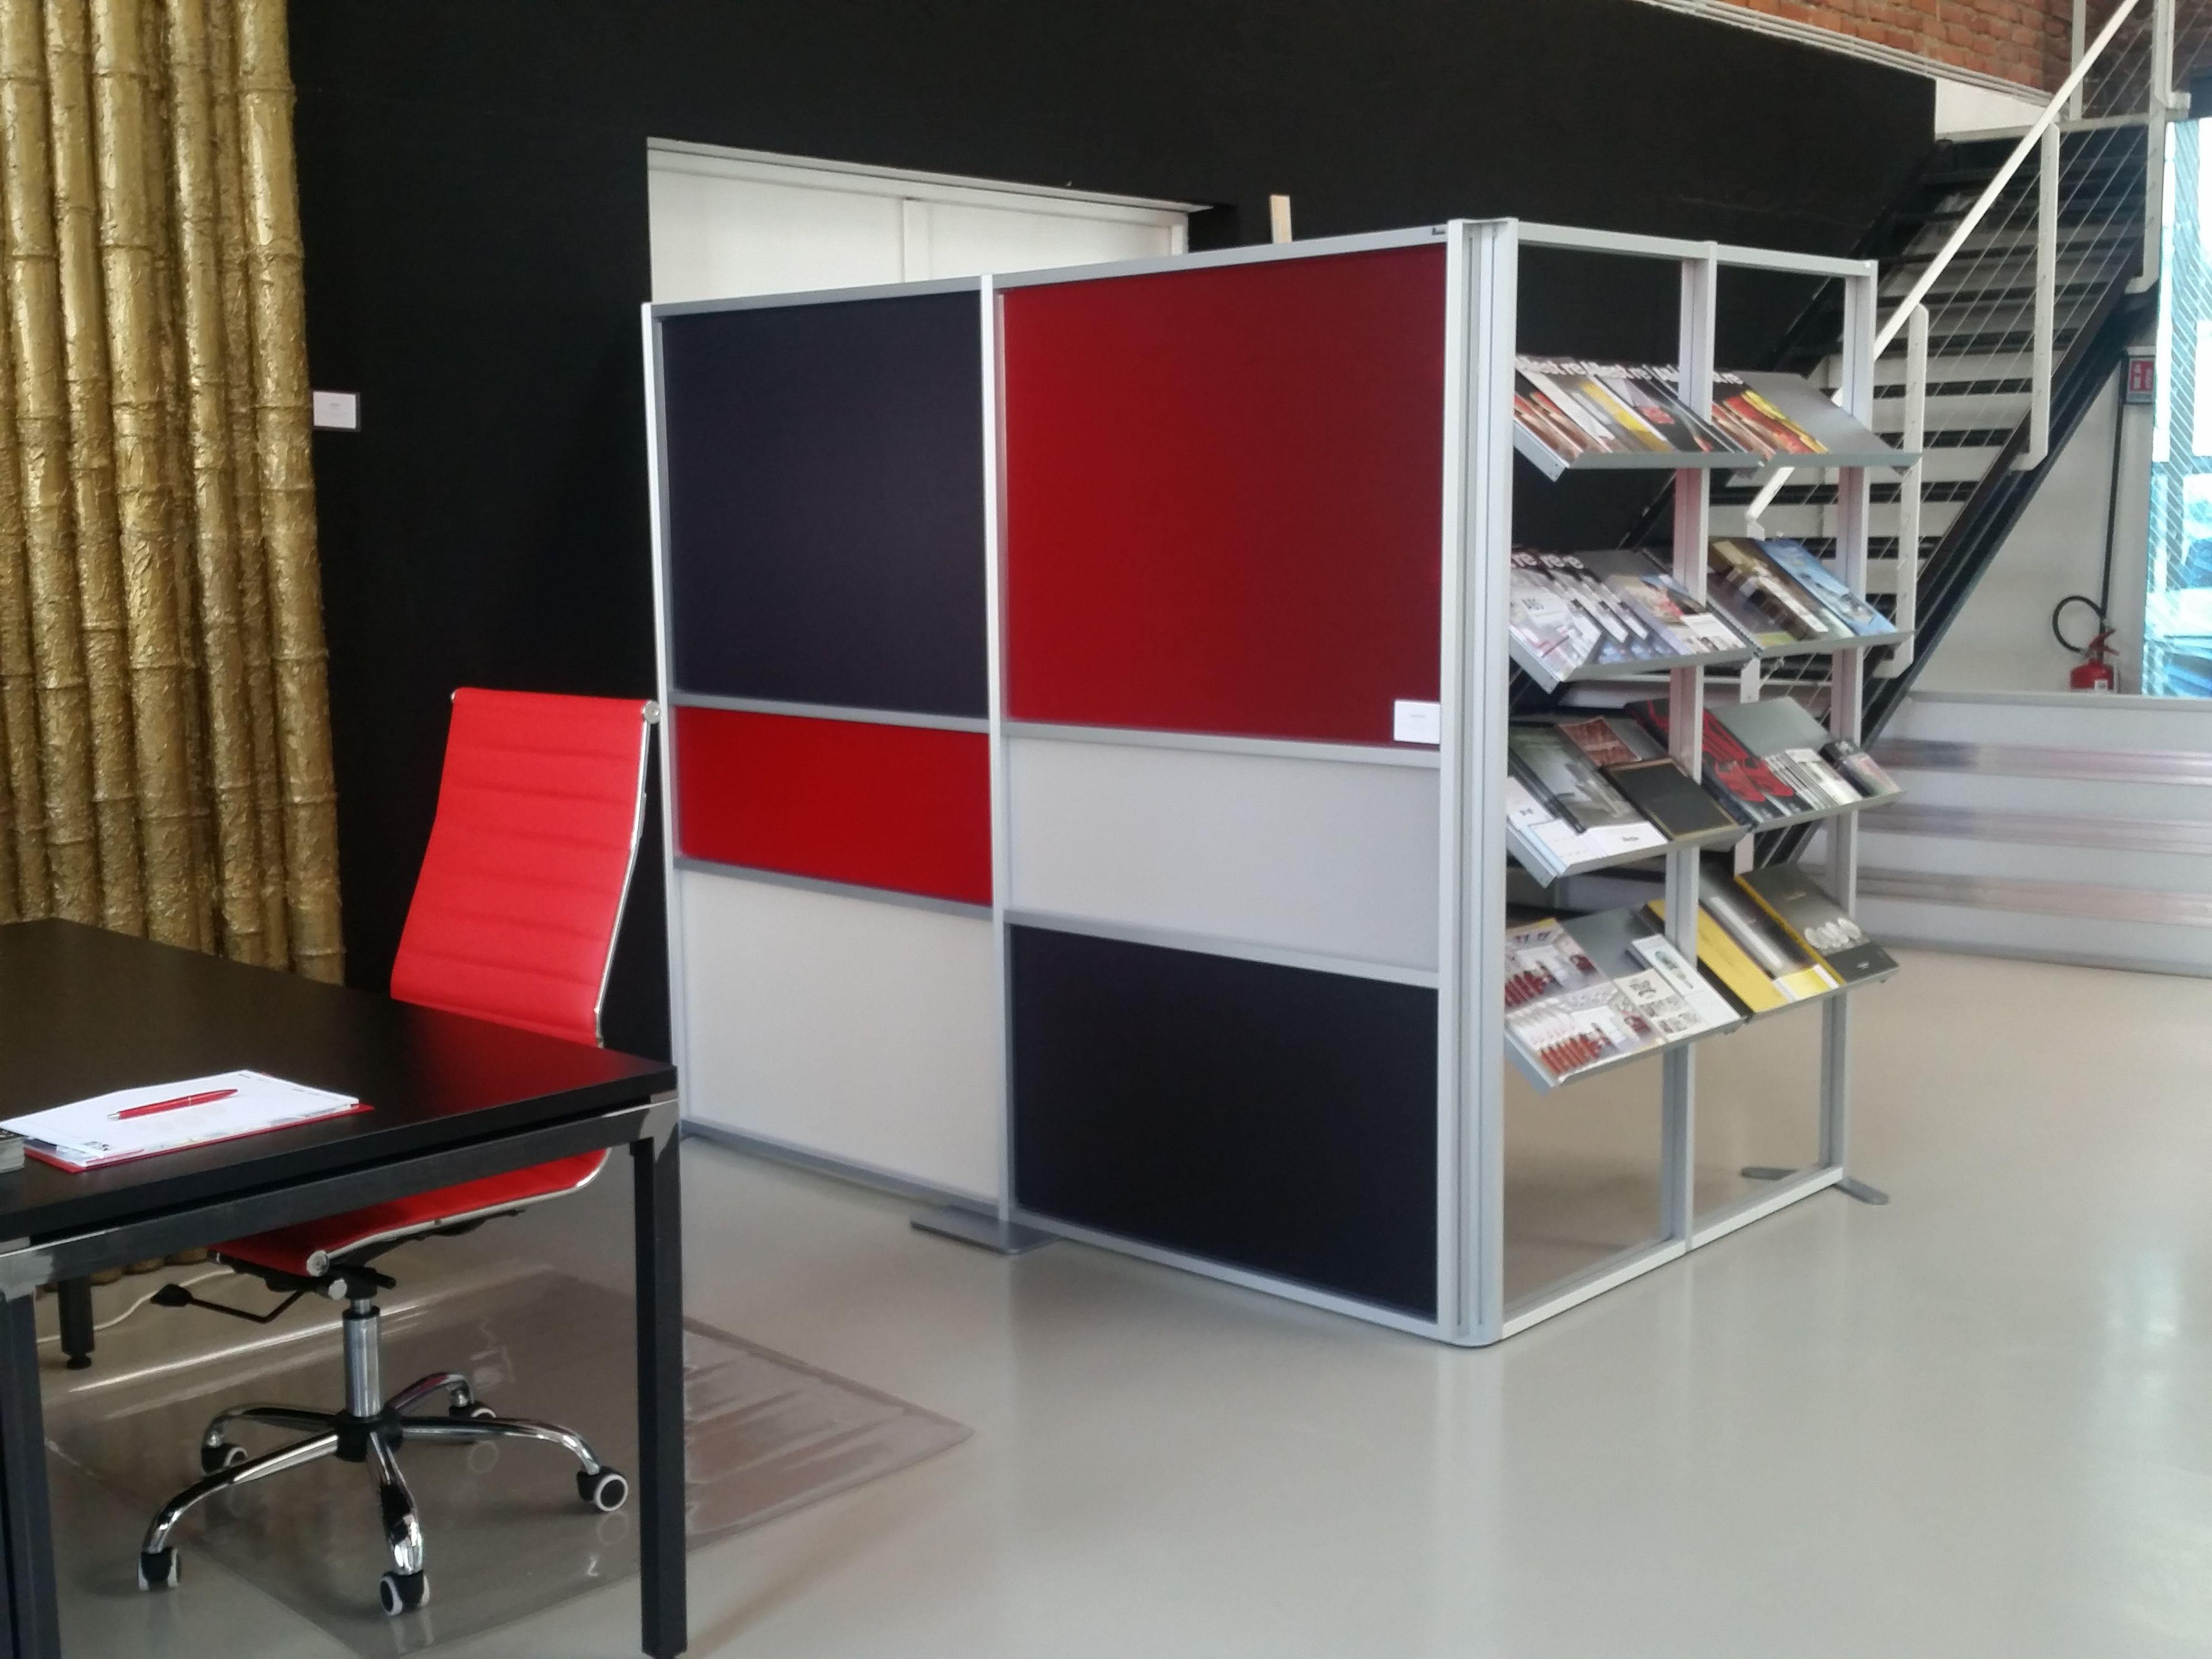 Piante Ufficio Open Space : Tetrix pannelli divisori per uffici e open space. pareti per open